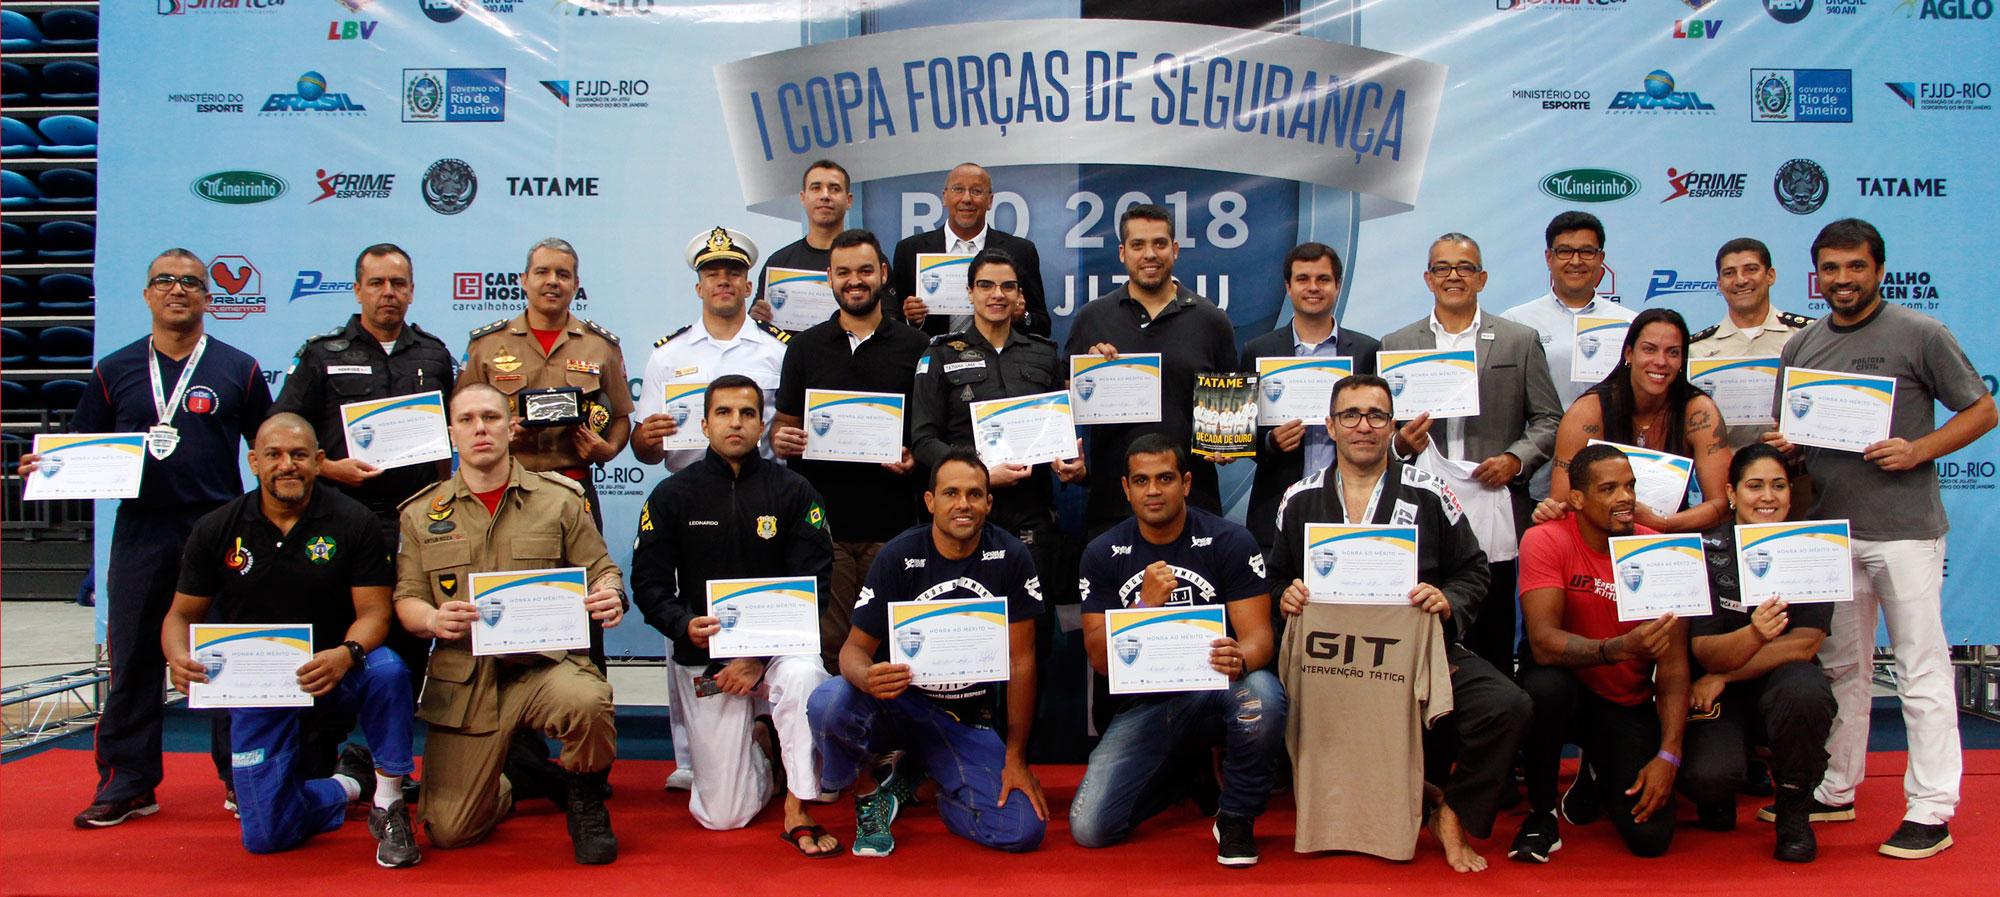 PM, Marinha e Corpo de Bombeiros formam o pódio da 1ª Copa de Jiu-Jitsu das Forças de Segurança; saiba